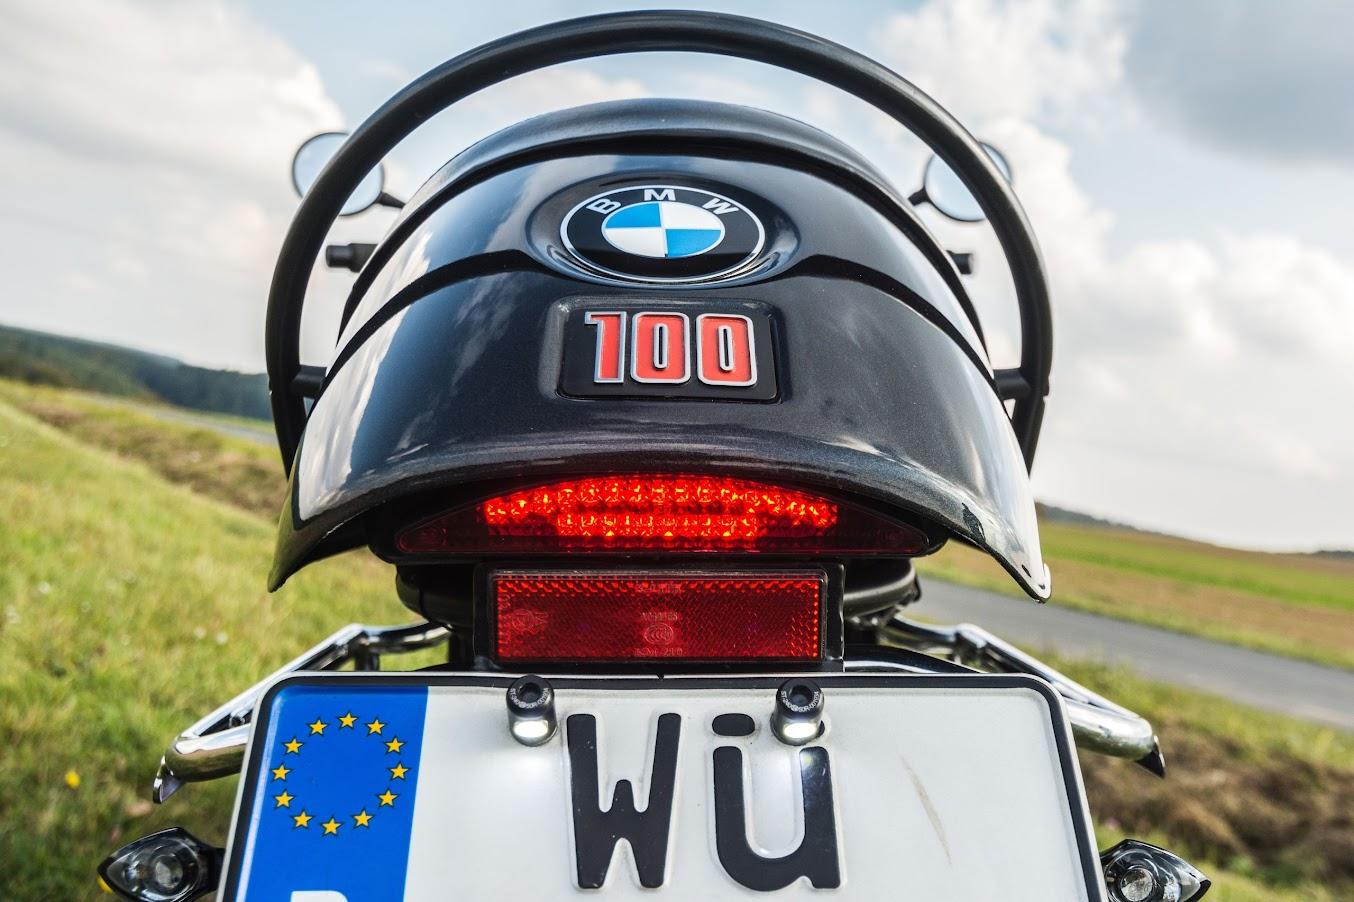 LED Rücklicht an BMW R 100 R mit R 100 S Heckrahmen und Kotflügel